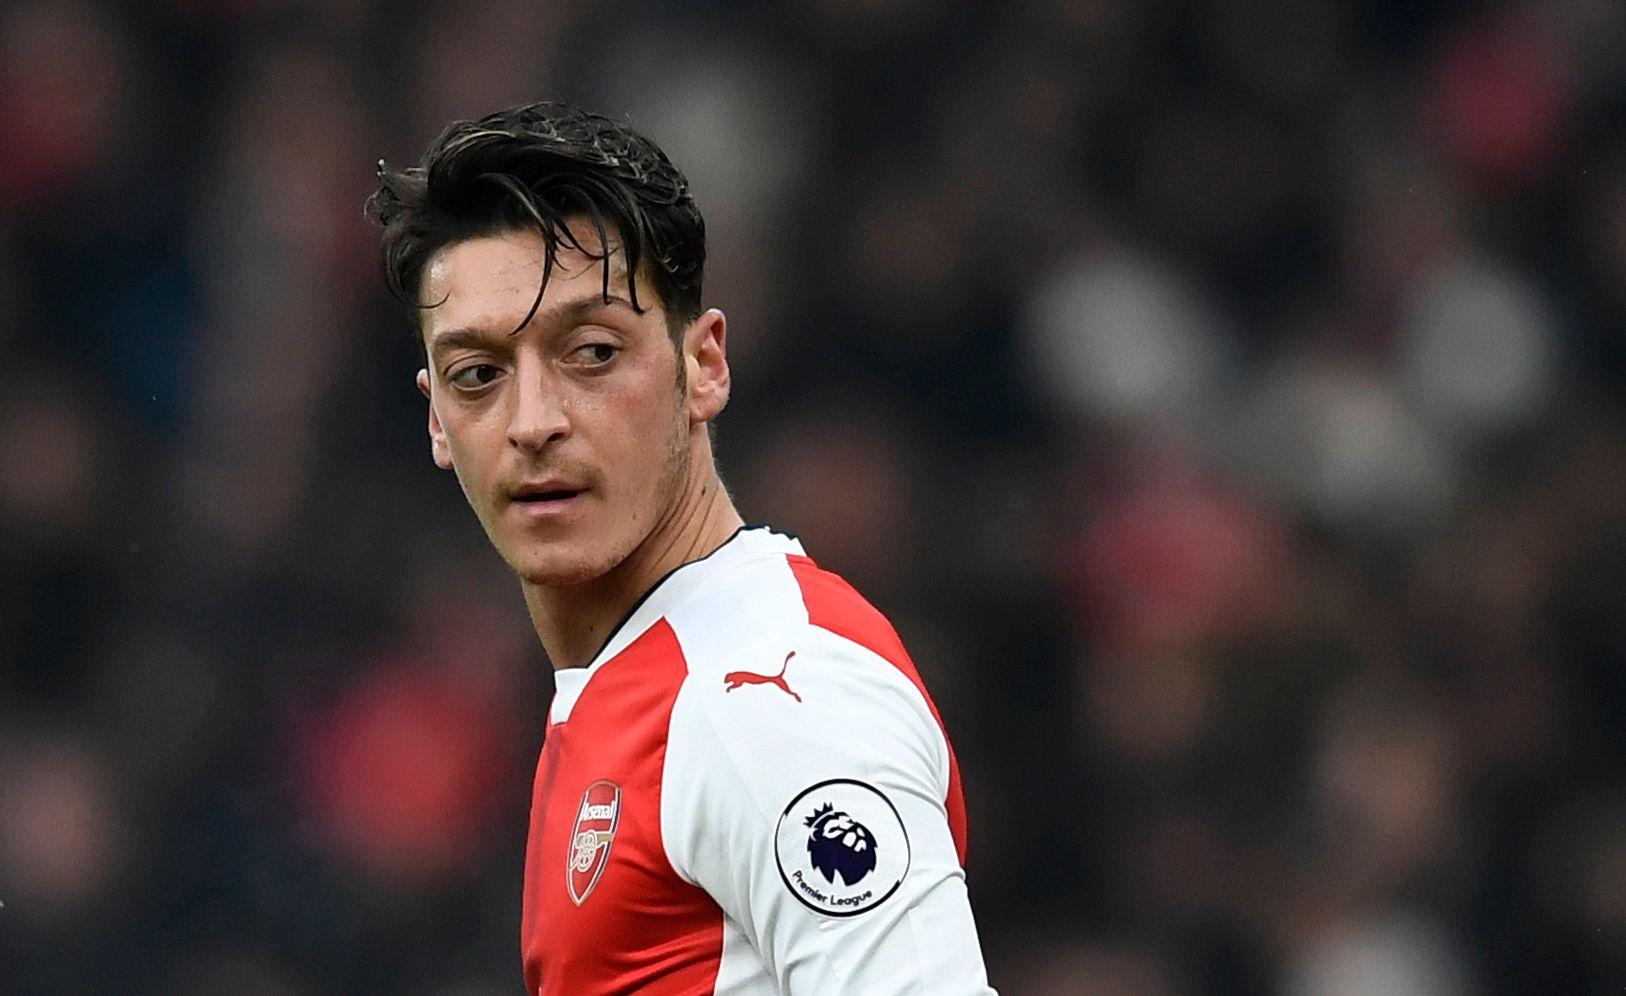 I HARDT VÆR: Mesut Özil har vært i hardt vær i løpet av den siste tiden, både for hans prestasjoner på banen og all kontraktsnakk utenfor. Nå sier han at Arsenal er viktigere enn kontraktsnakket.